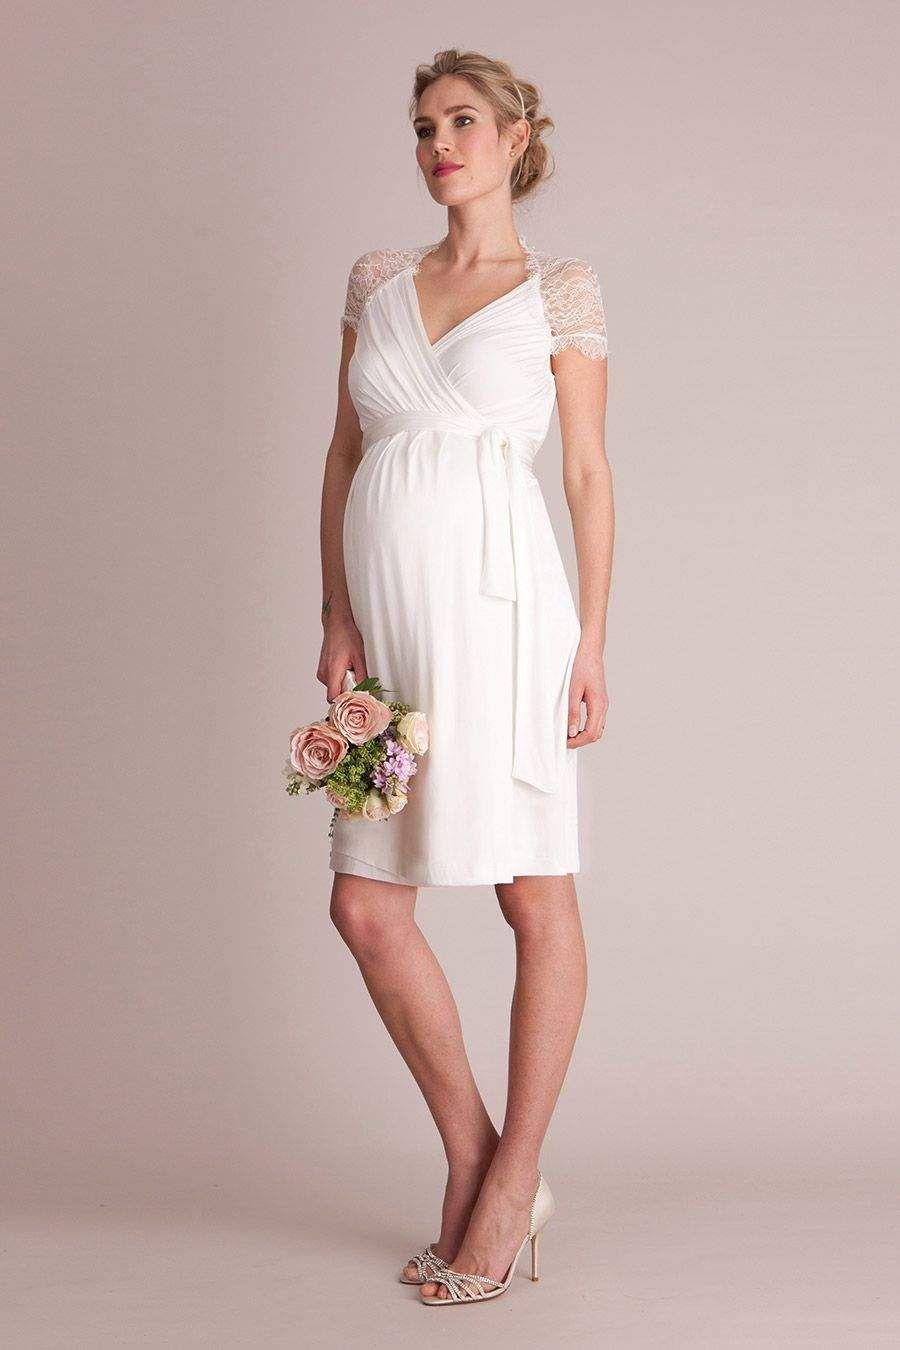 Chelsey Brautkleid | Brautkleid, Umstandshochzeitskleid und ...